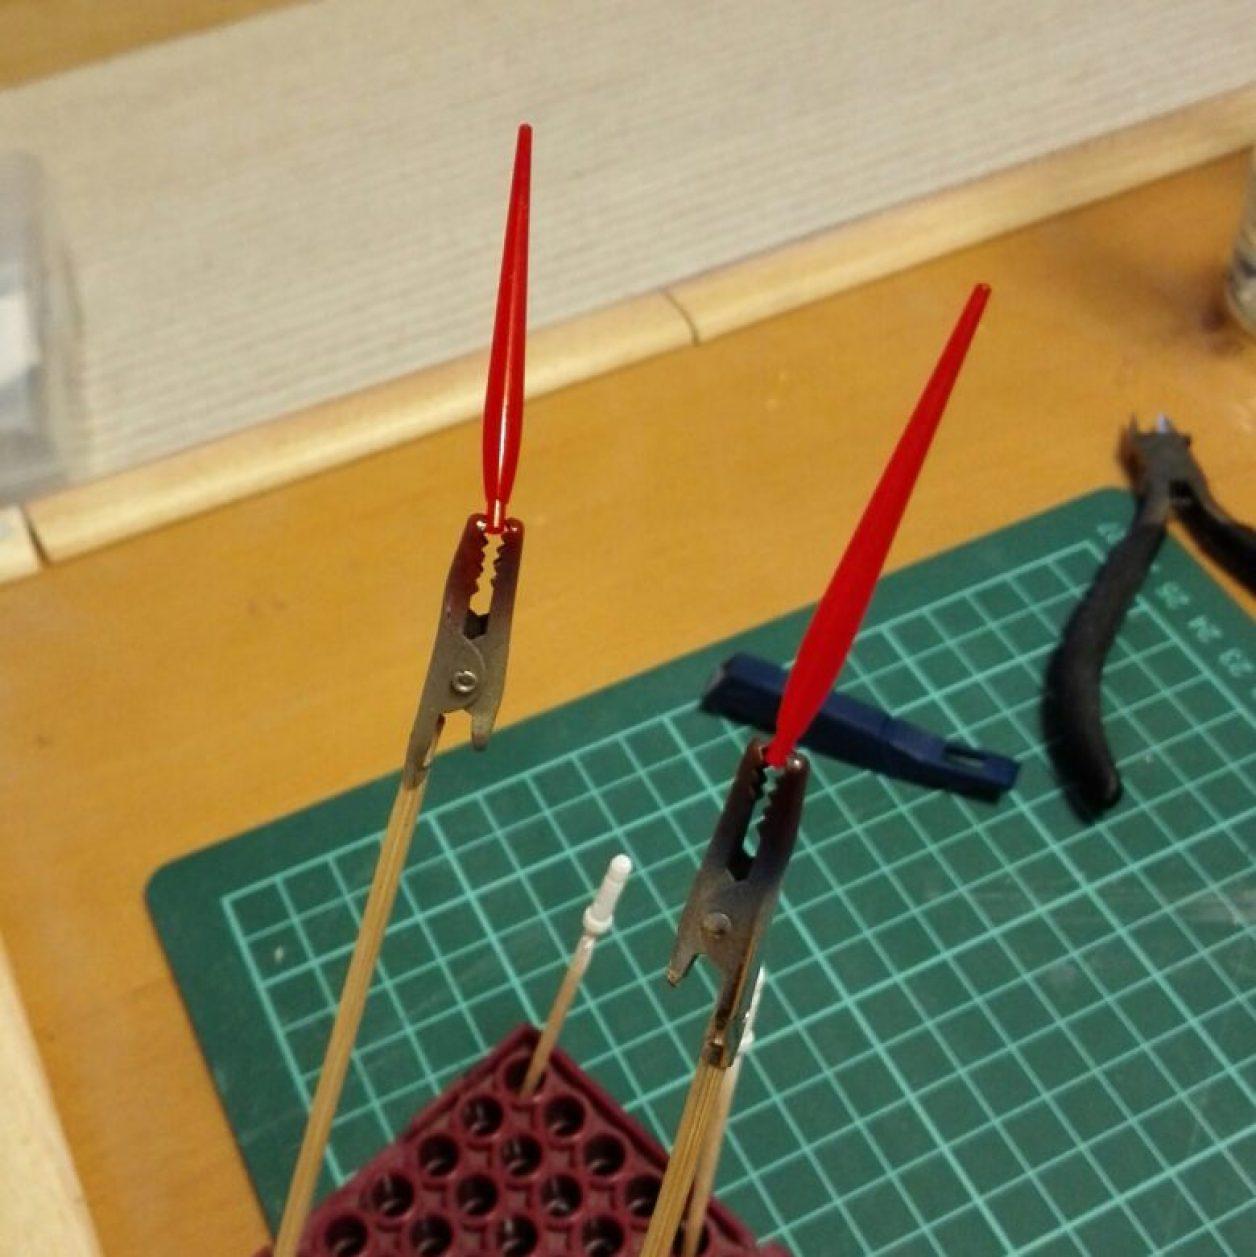 モビルスーツアンサンブルの武器のガンダムマーカーエアブラシによる塗装画像